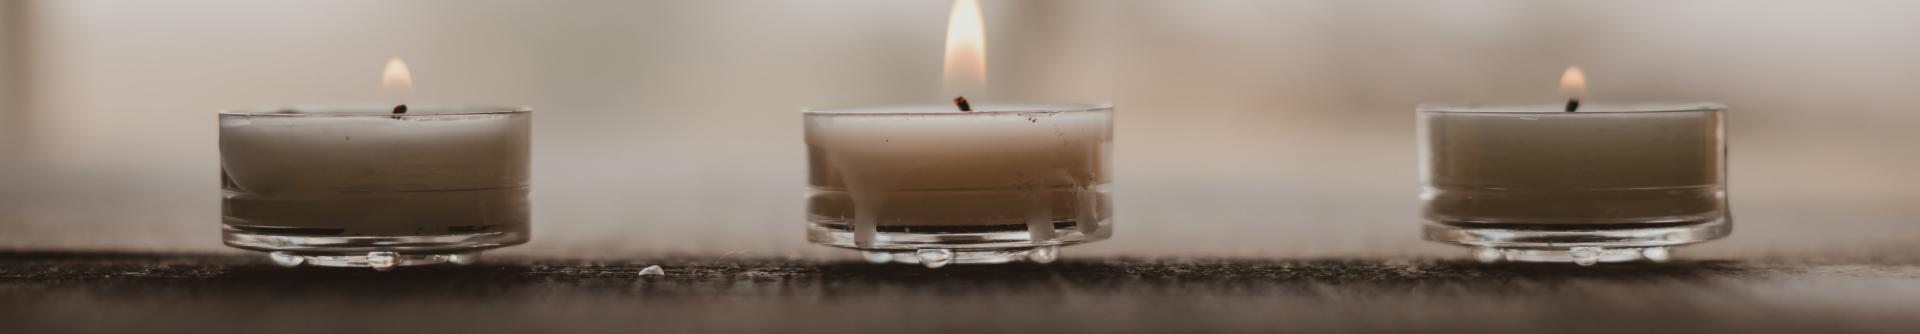 Candles at a spa, Lehigh Valley, Pa